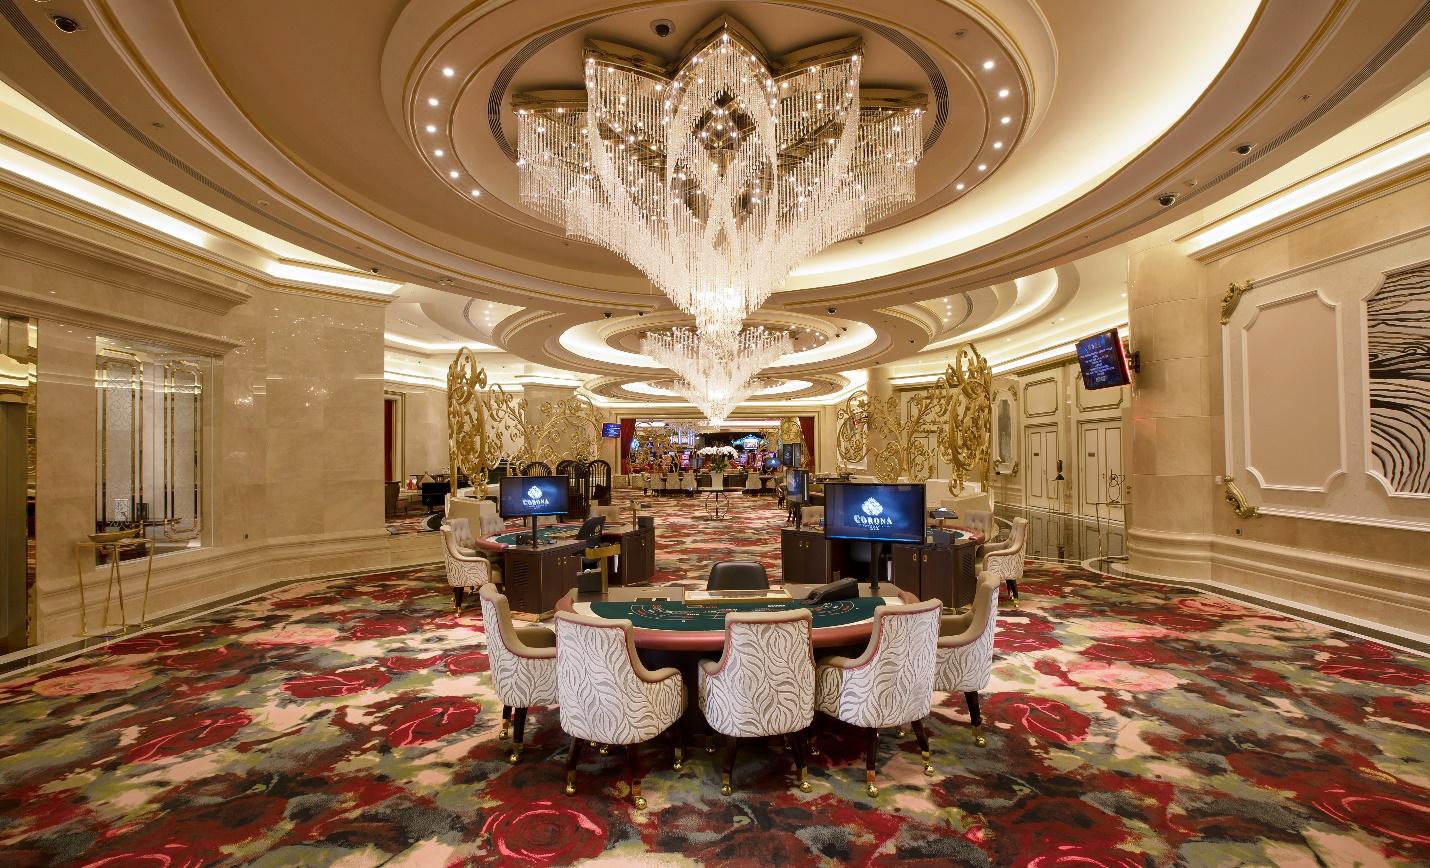 Hệ thống nội thất và trang thiết bị tại Corona Casino được nhập khẩu toàn bộ